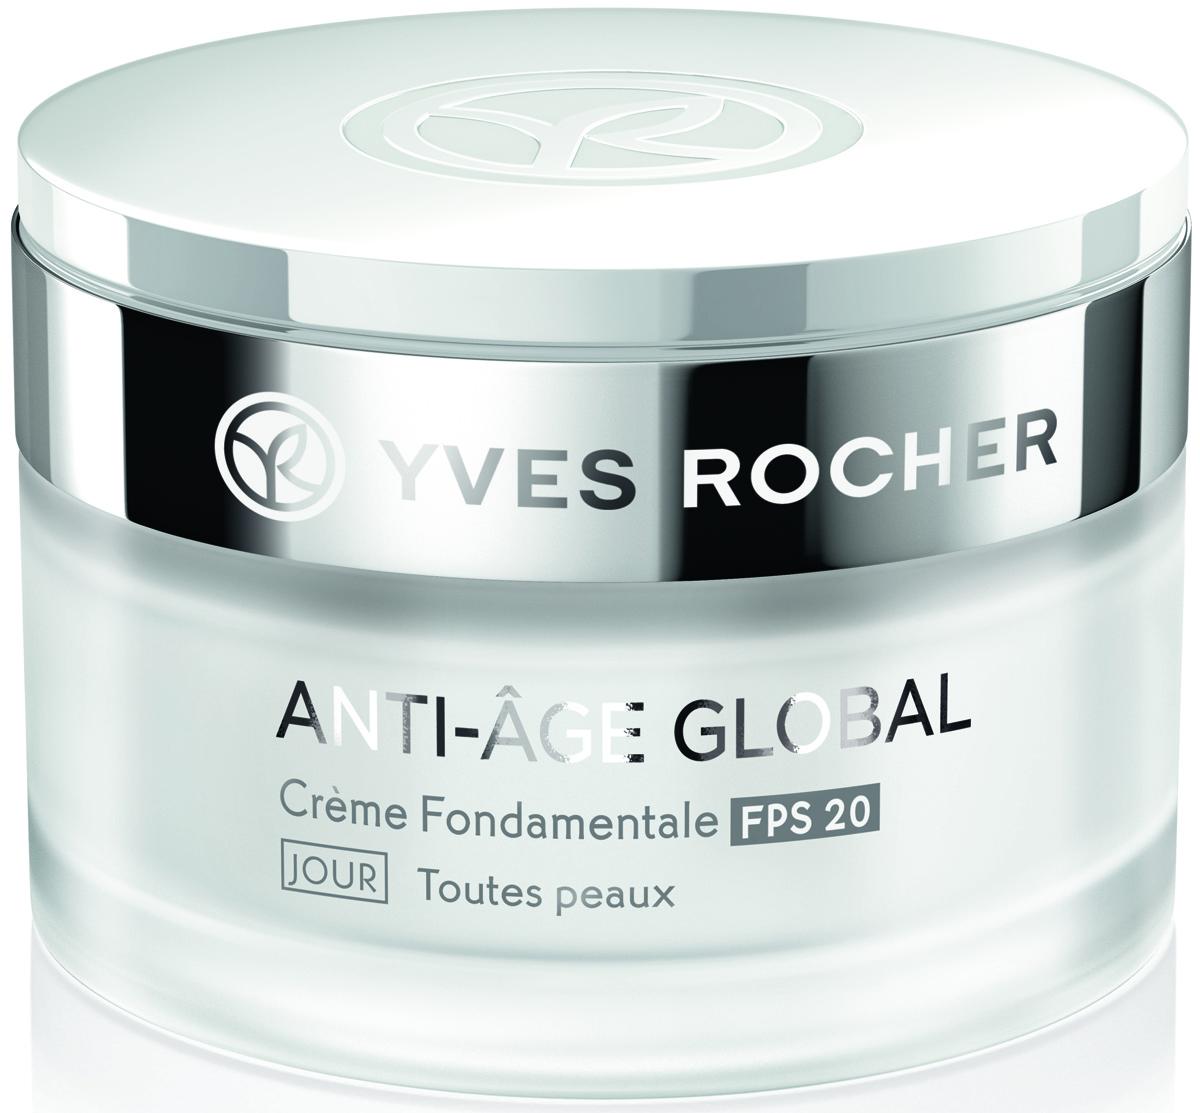 Yves Rocher дневной уход возрождение молодости с натуральными растительными клетками, SPF 20, все типы кожи, 50 мл